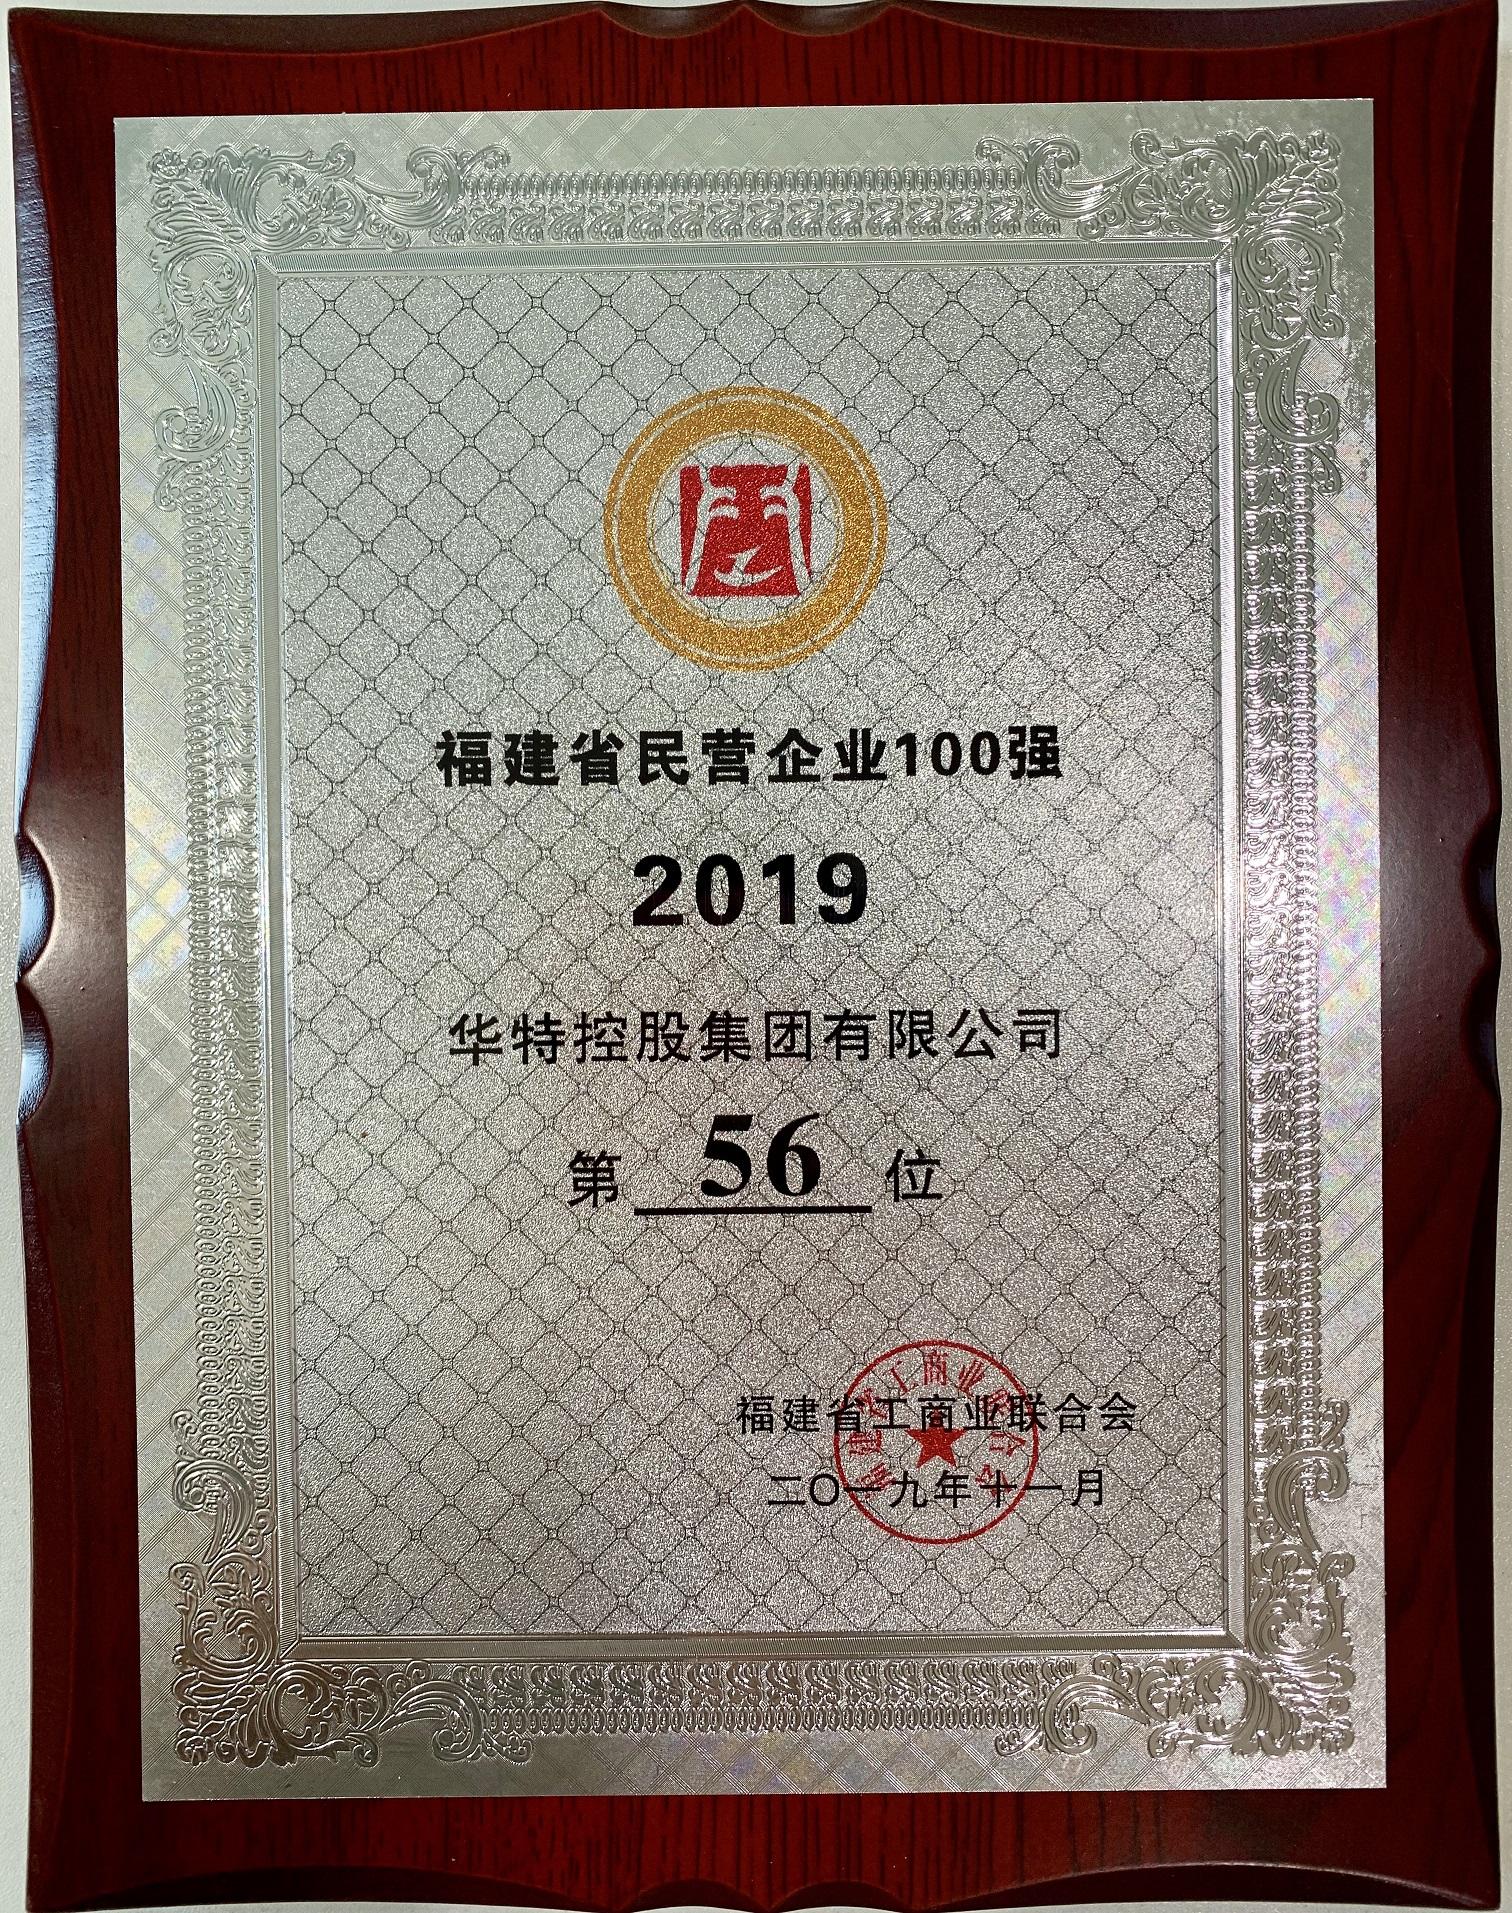 1. 2019福建省民营企业100强.jpg